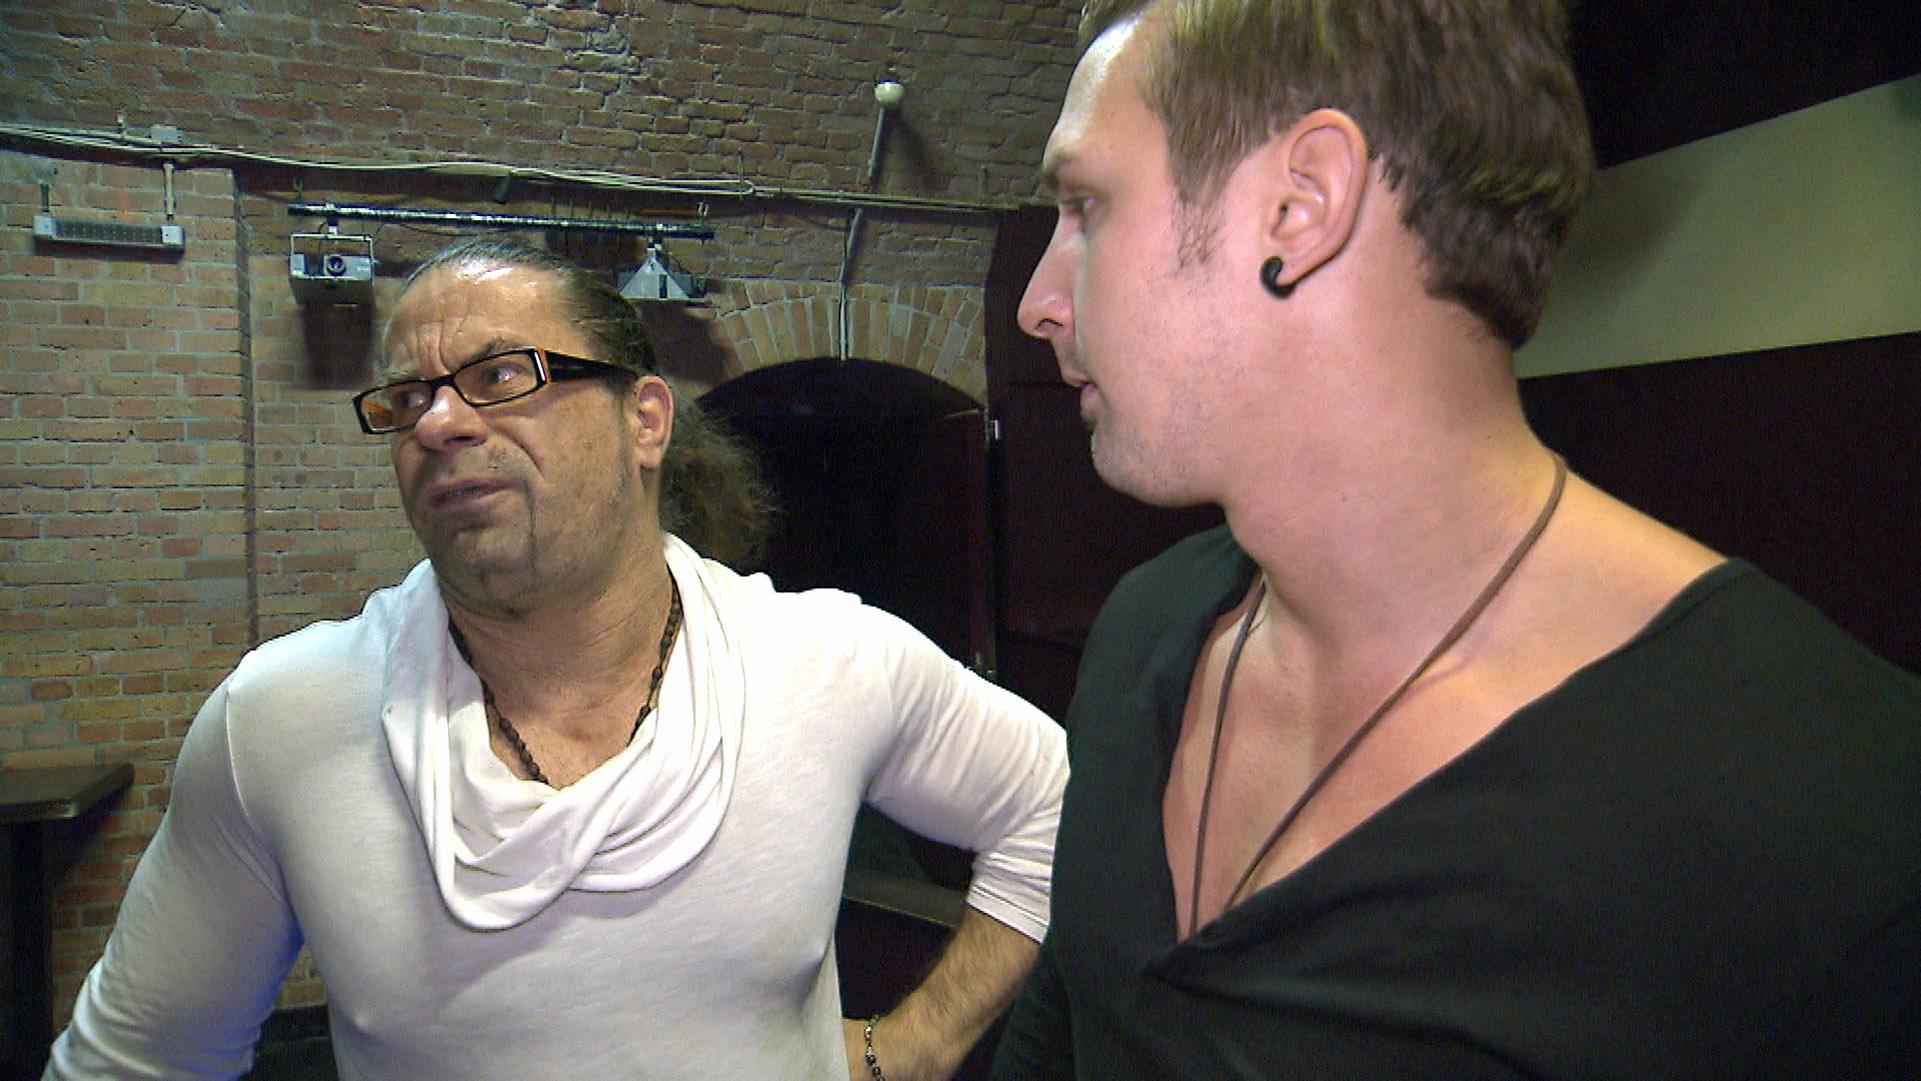 Leon (re.) unternimmt nochmal einen Versuch, um von Piet (li.) seinen alten Job zurück zu bekommen. (Quelle: RTL 2)